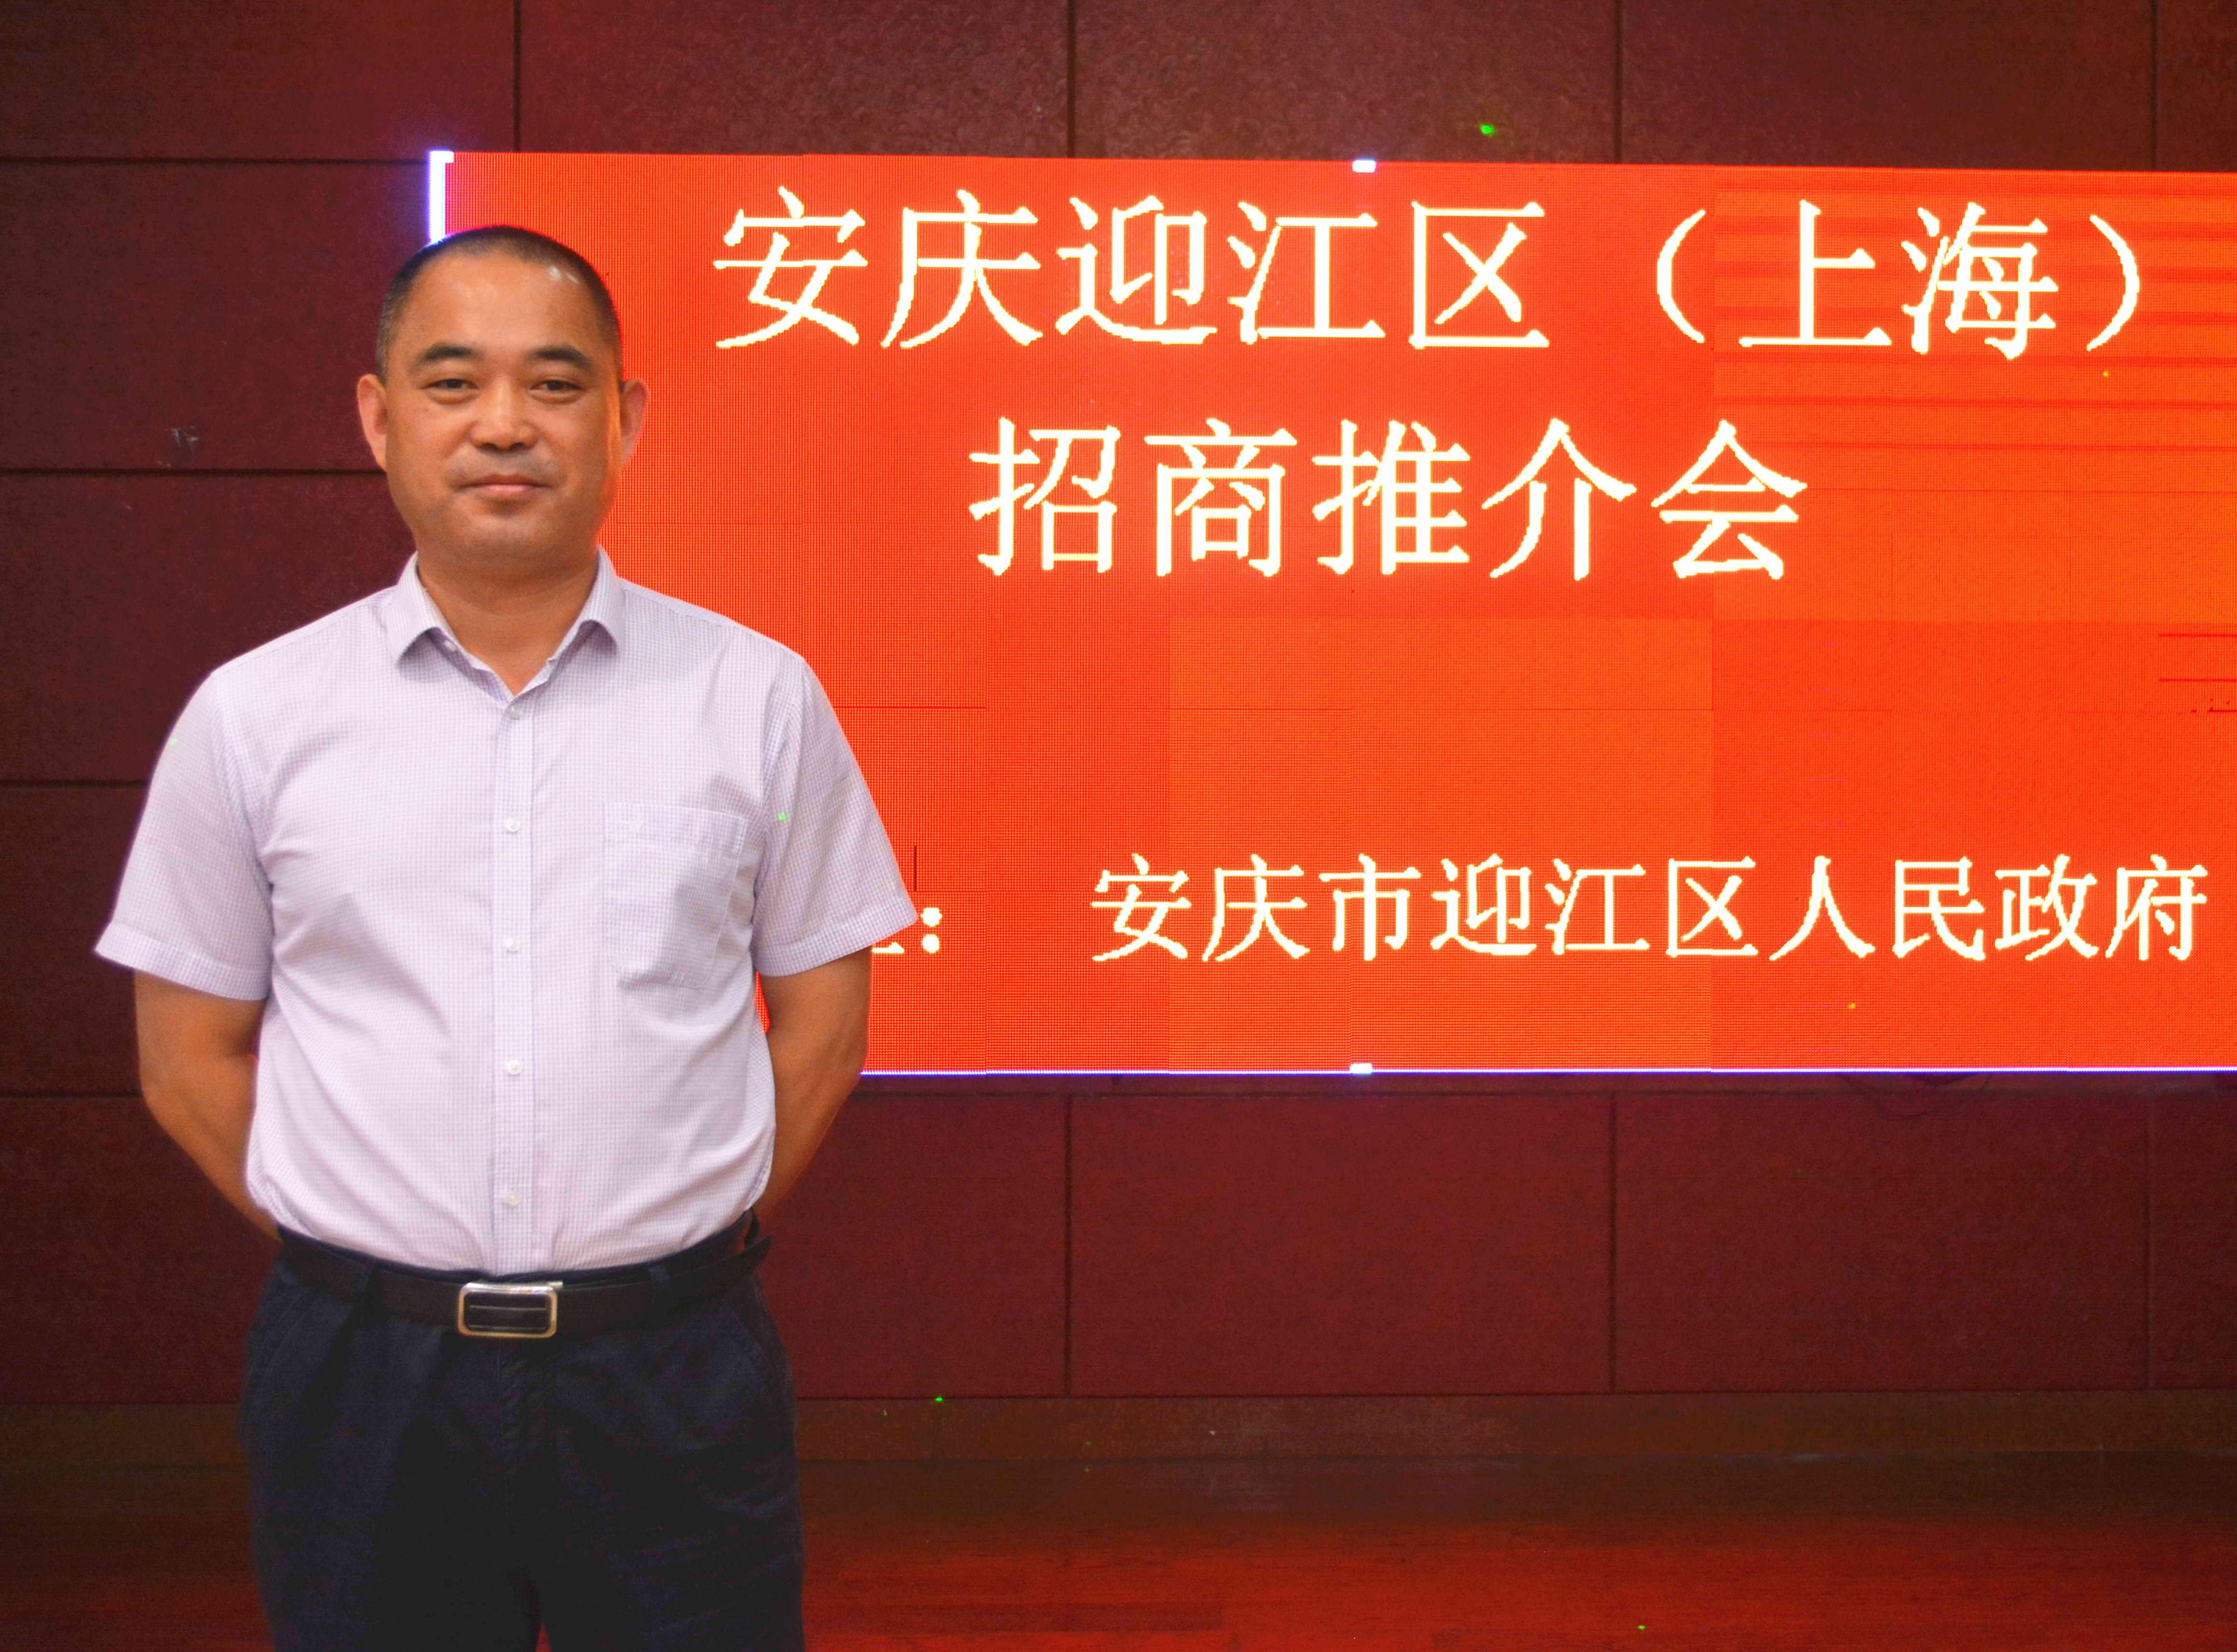 安庆市迎江区人民政府副区长江峰在现场 吴礼明.jpg